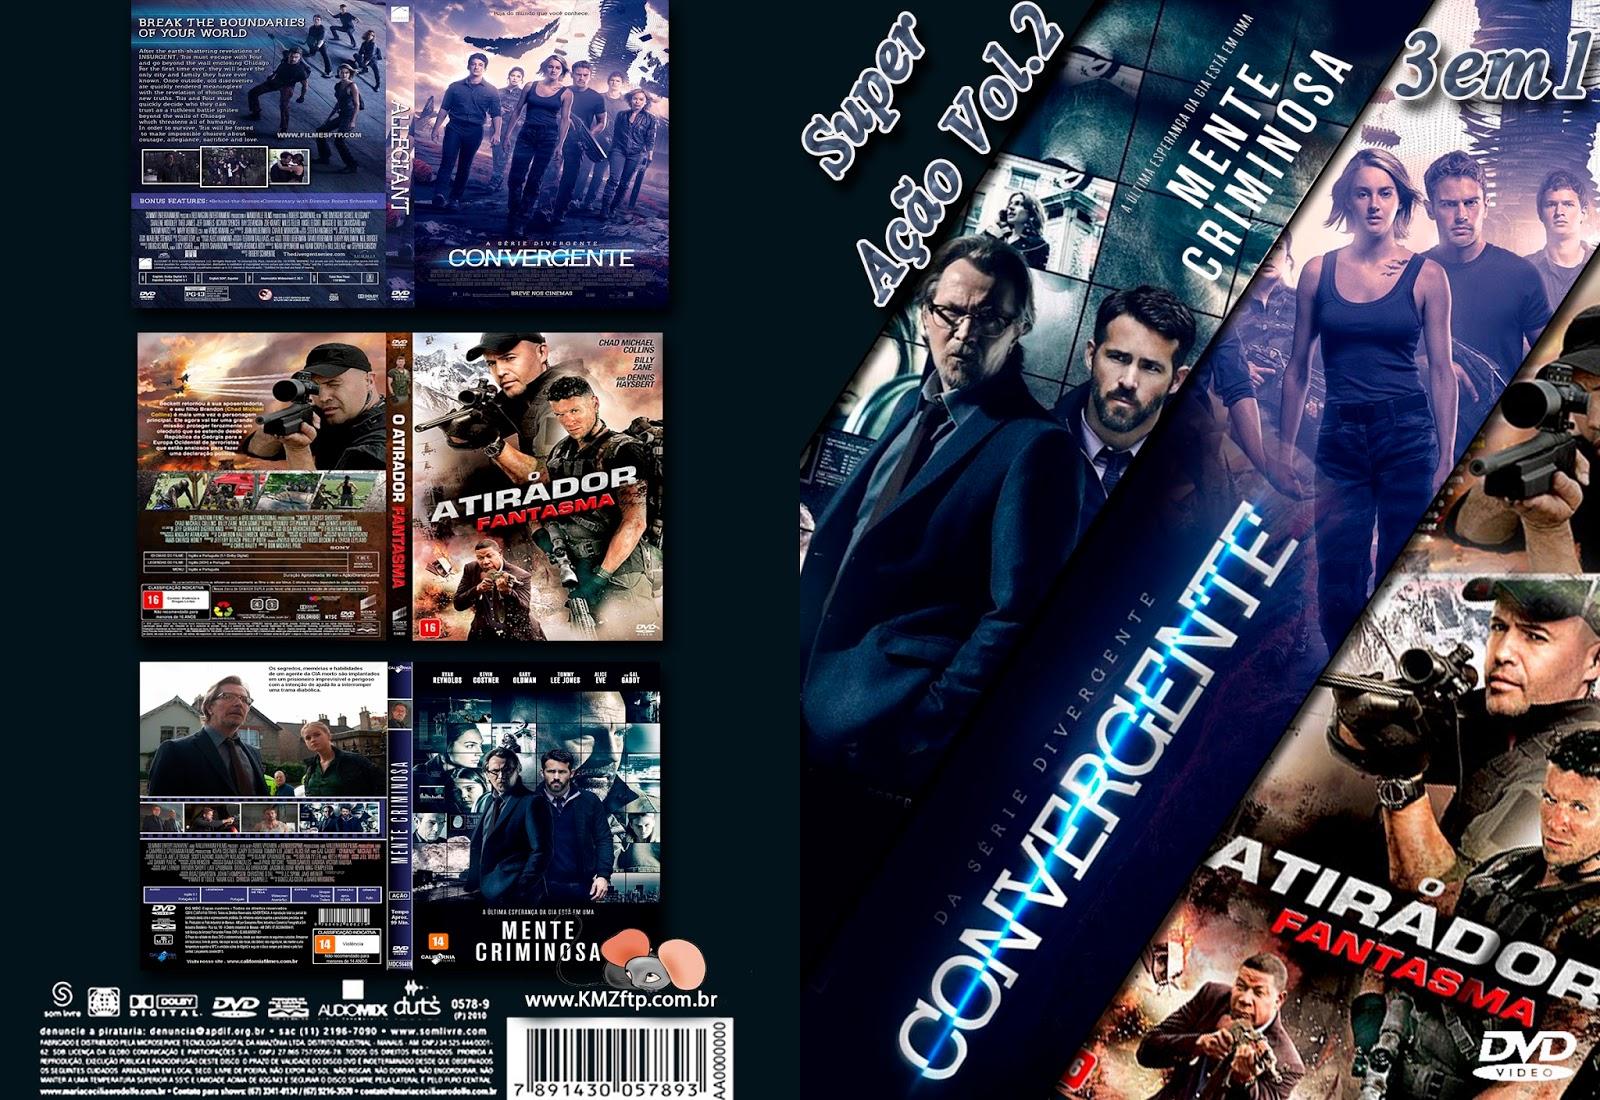 Super Ação Vol.2 3x1 DVD-R SUPER 2BA 25C3 2587 25C3 2583O 2BVOL